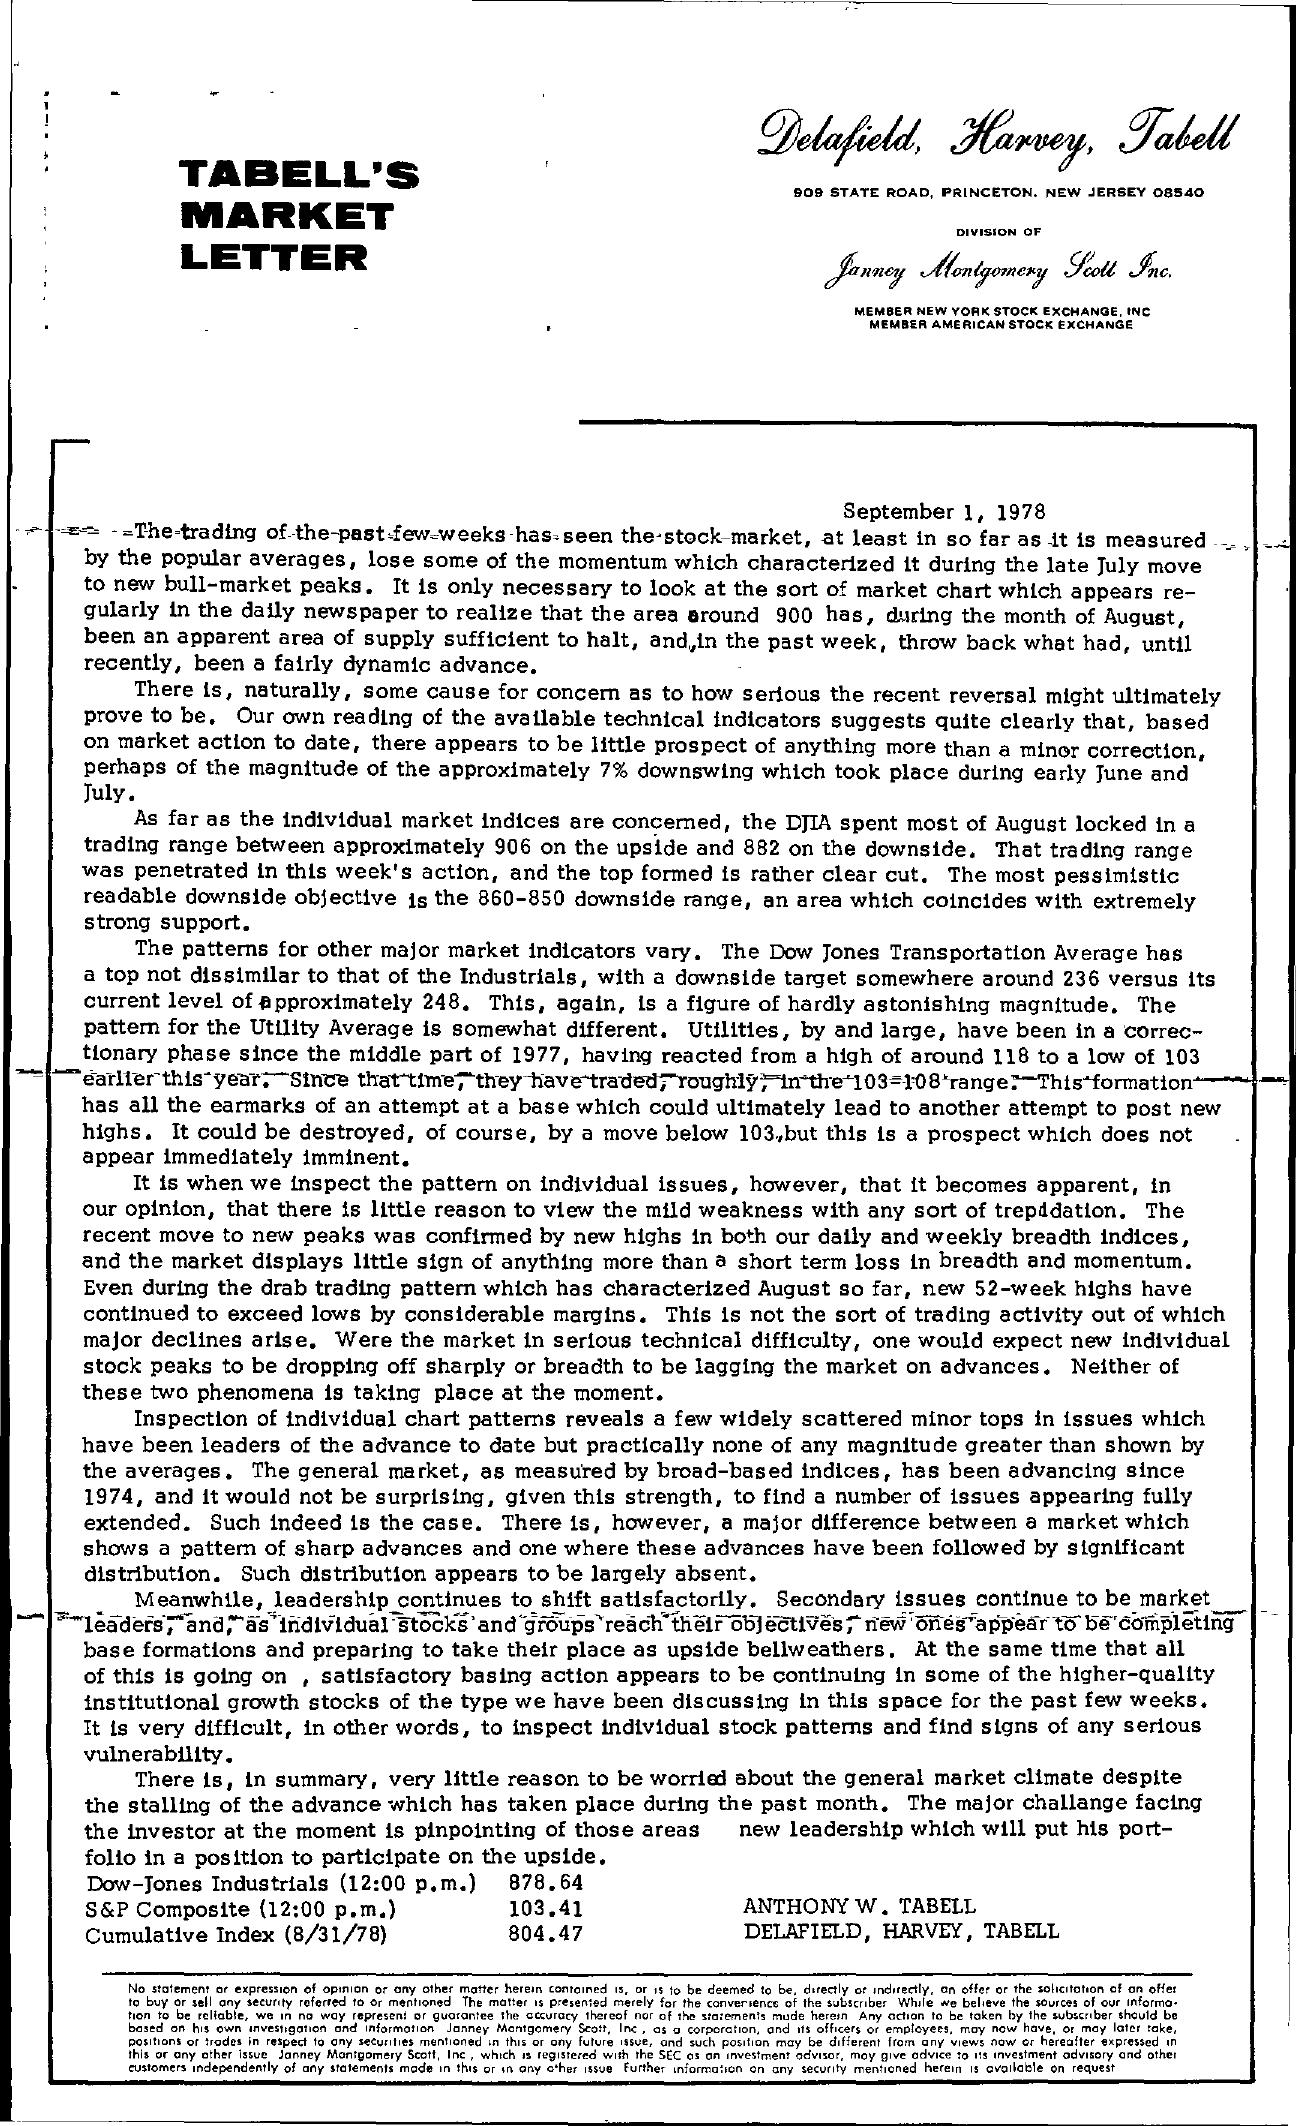 Tabell's Market Letter - September 01, 1978